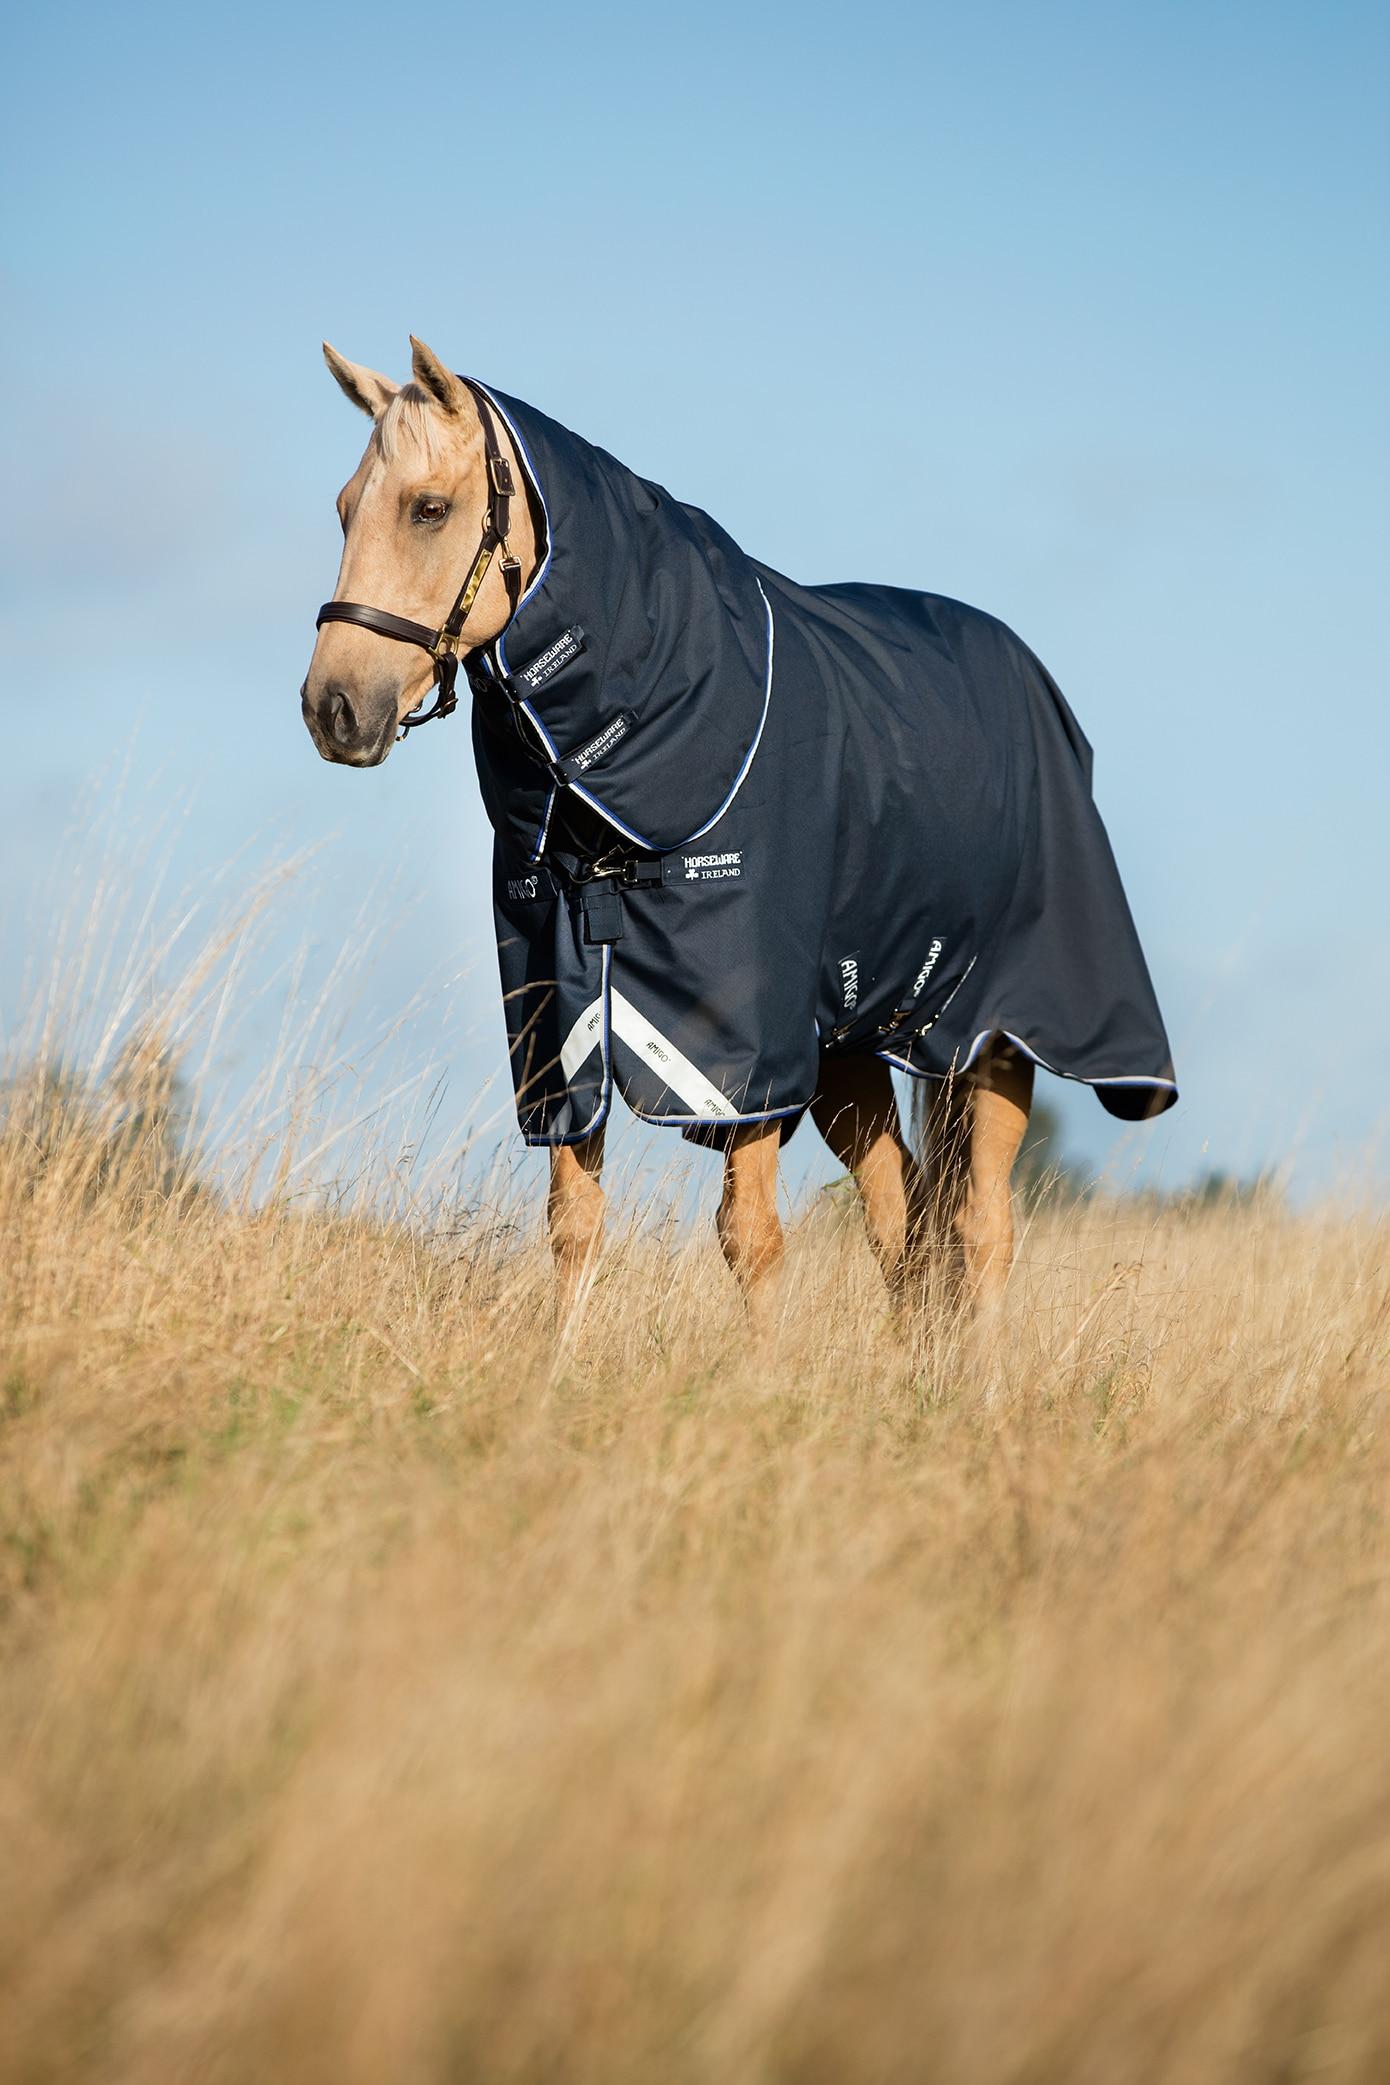 Horseware Amigo Bravo 12 Plus tykt utedekken, 400 gram